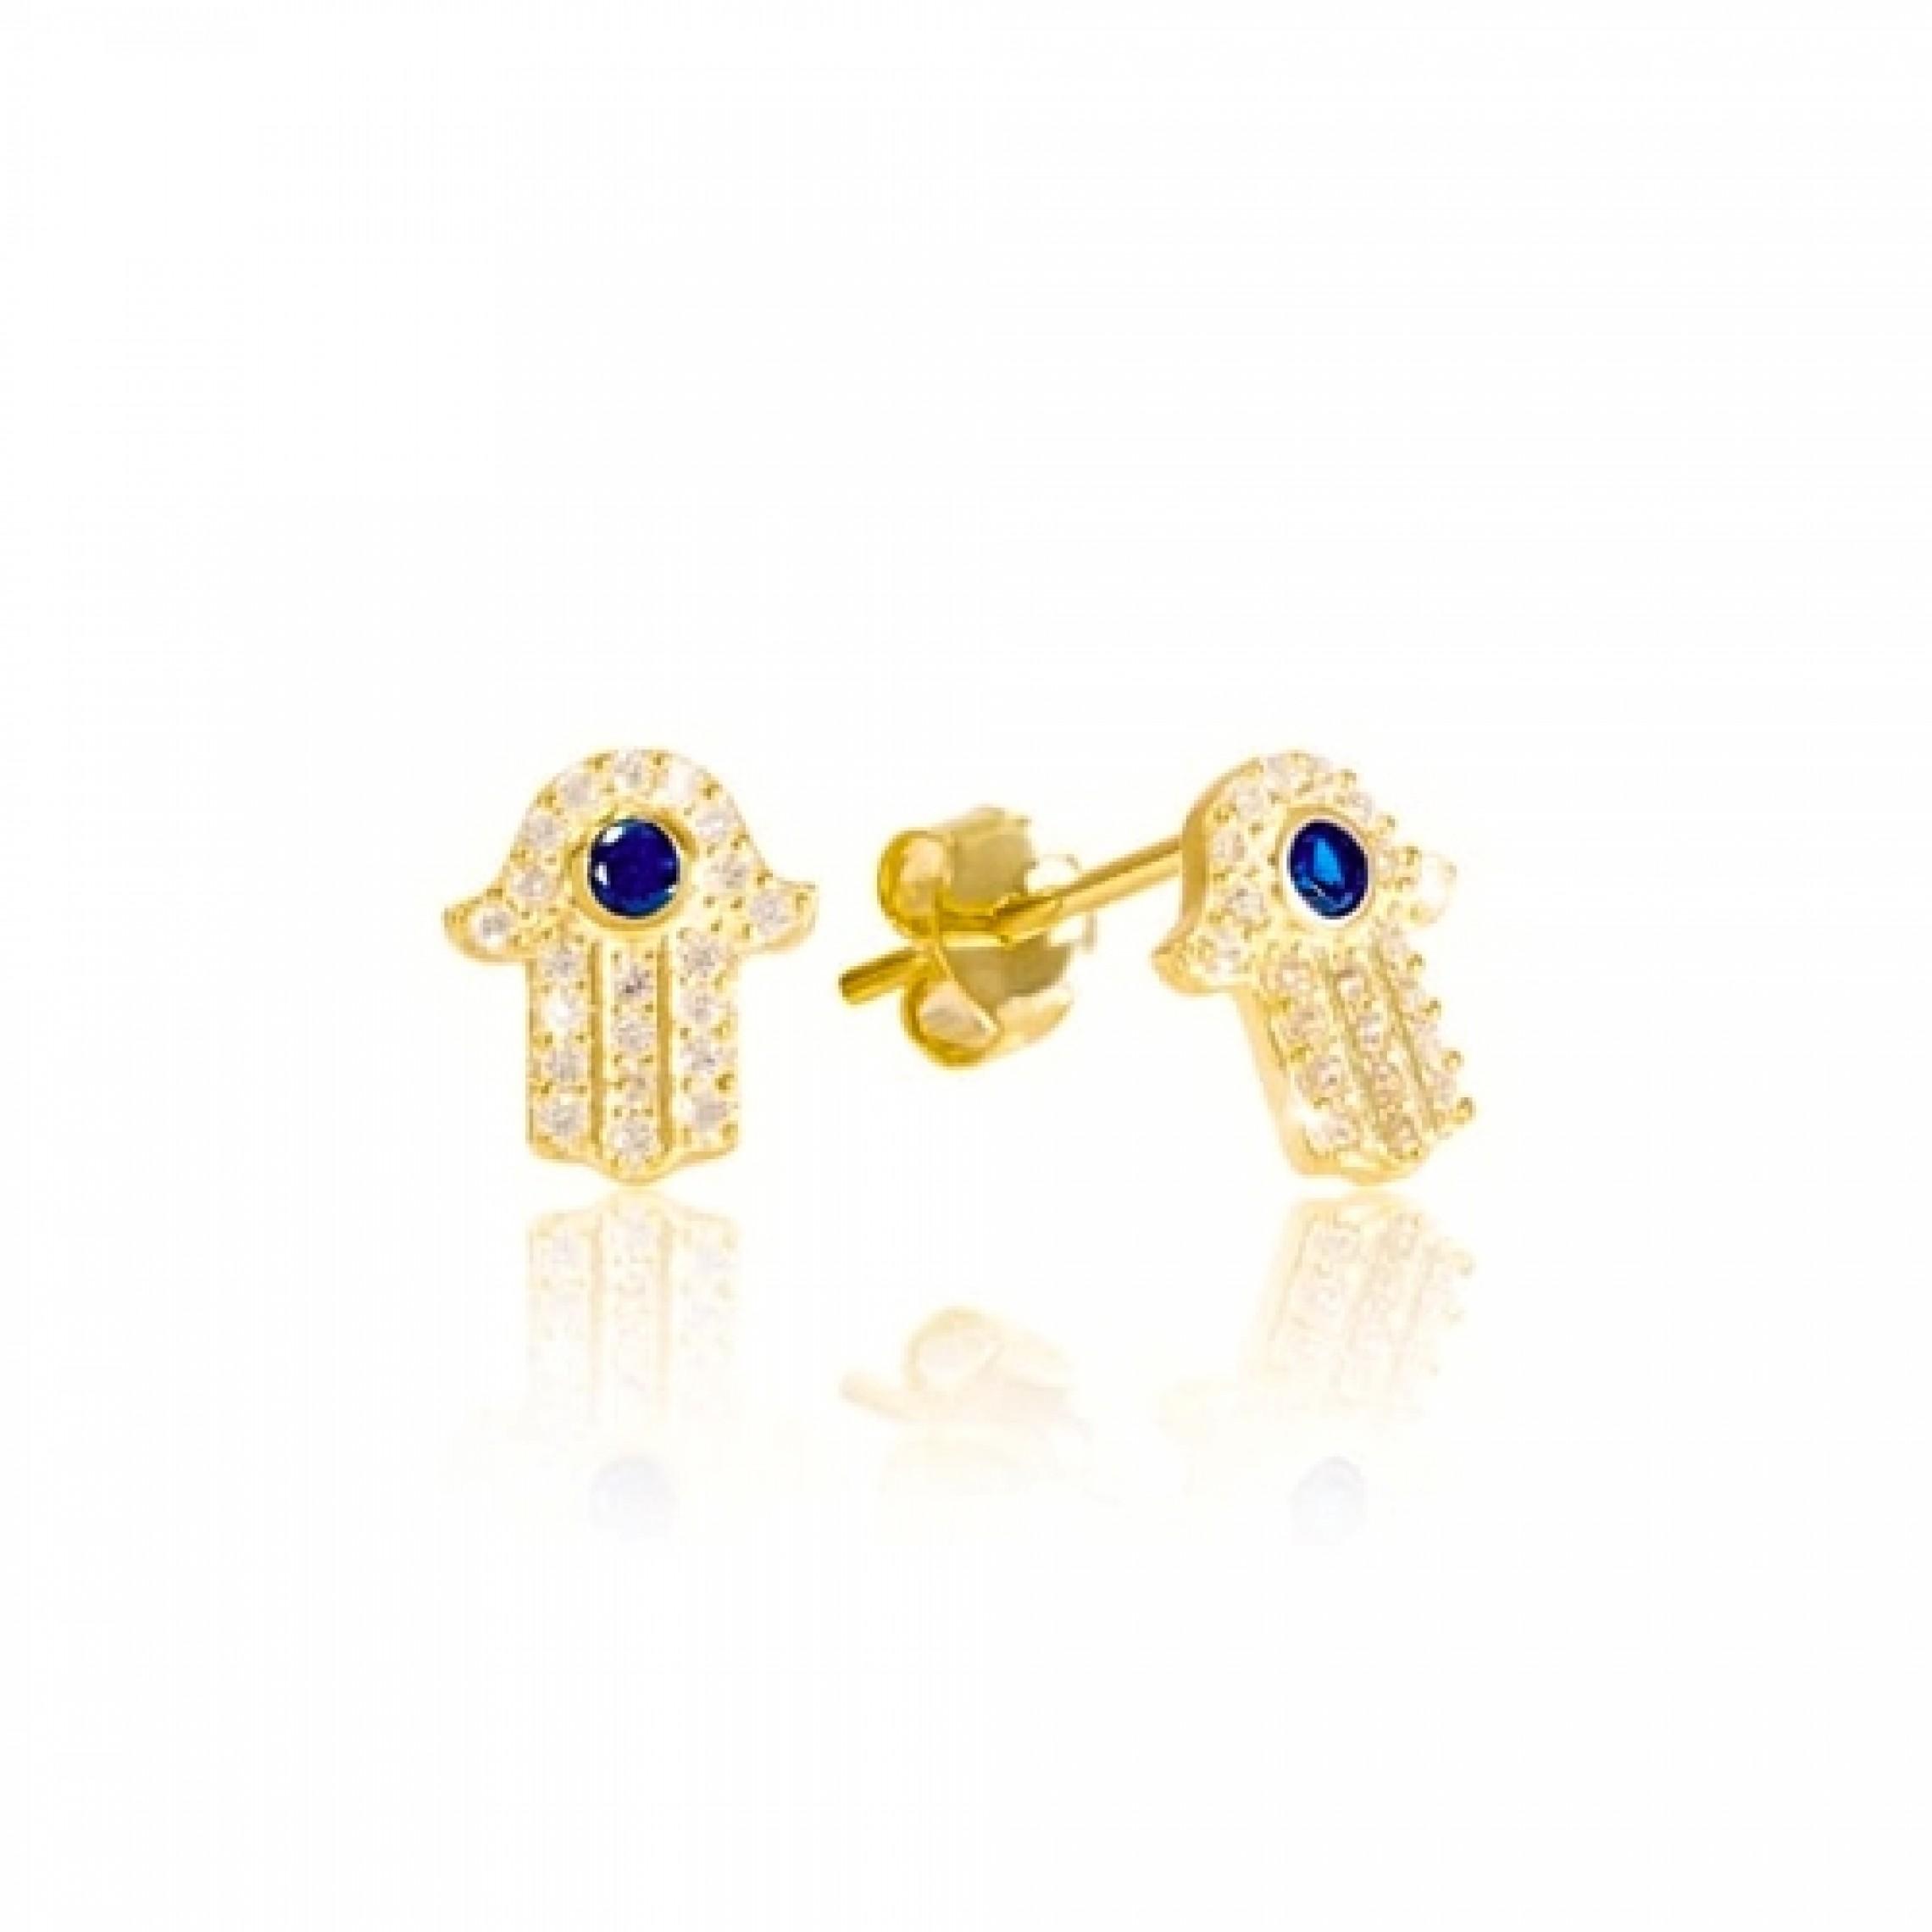 JE-210008 Evil Eye 925 Sterling Silver CZ Earrings